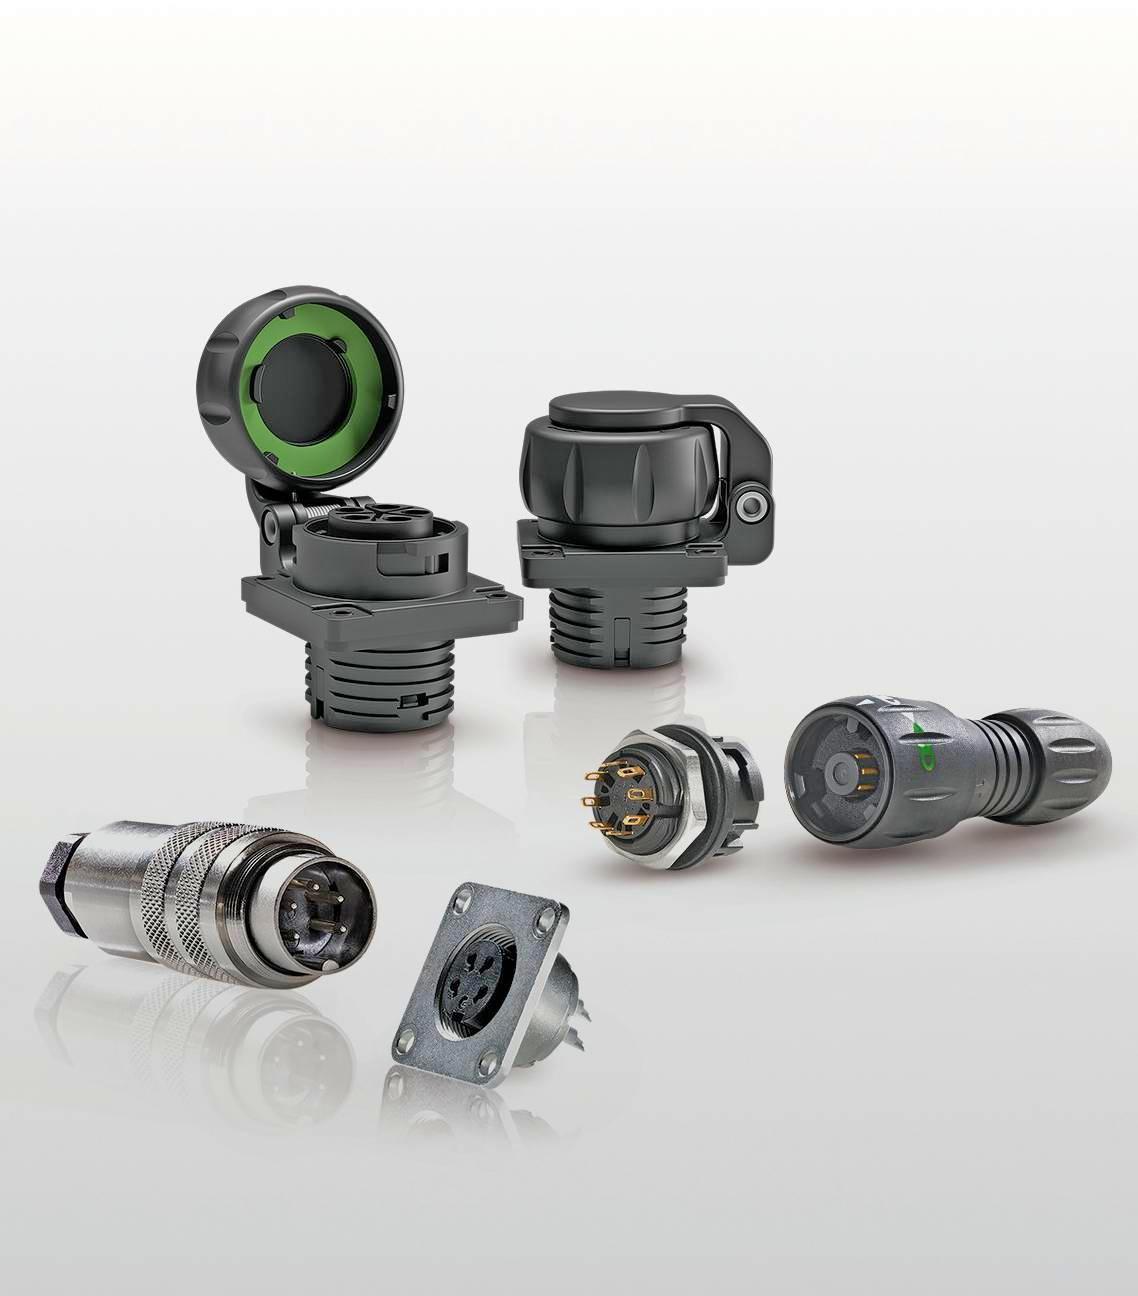 Neben einer Palette an Rundsteckverbindern und Industriesteckverbindern werden auch kundenspezifische Lösungen entwickelt. Foto: privat